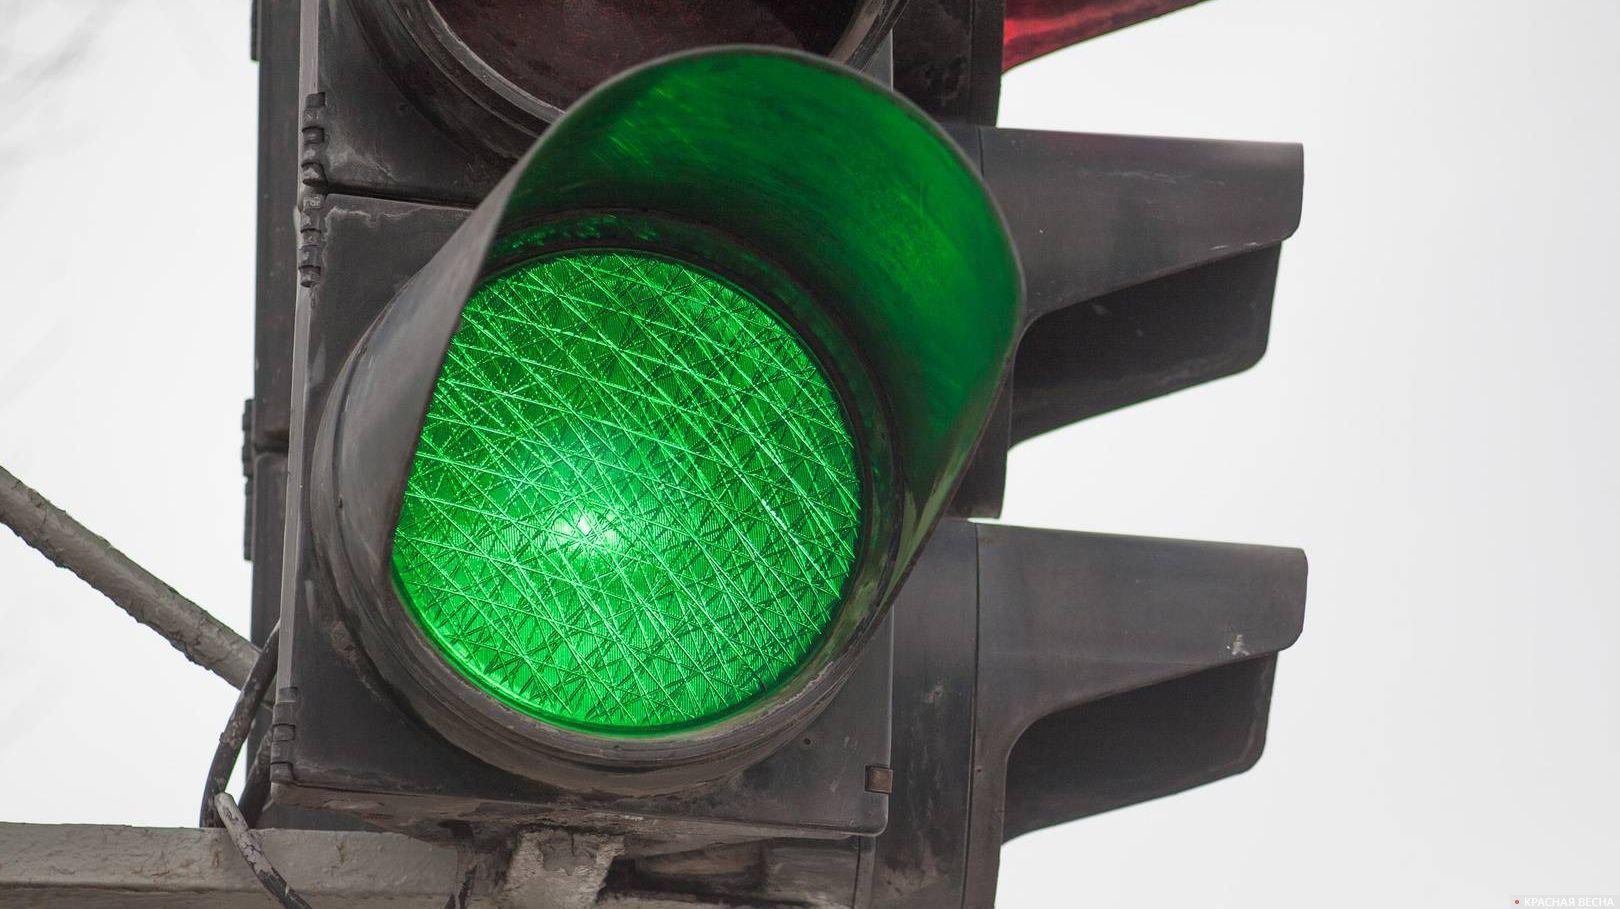 Светофор. Зеленый свет